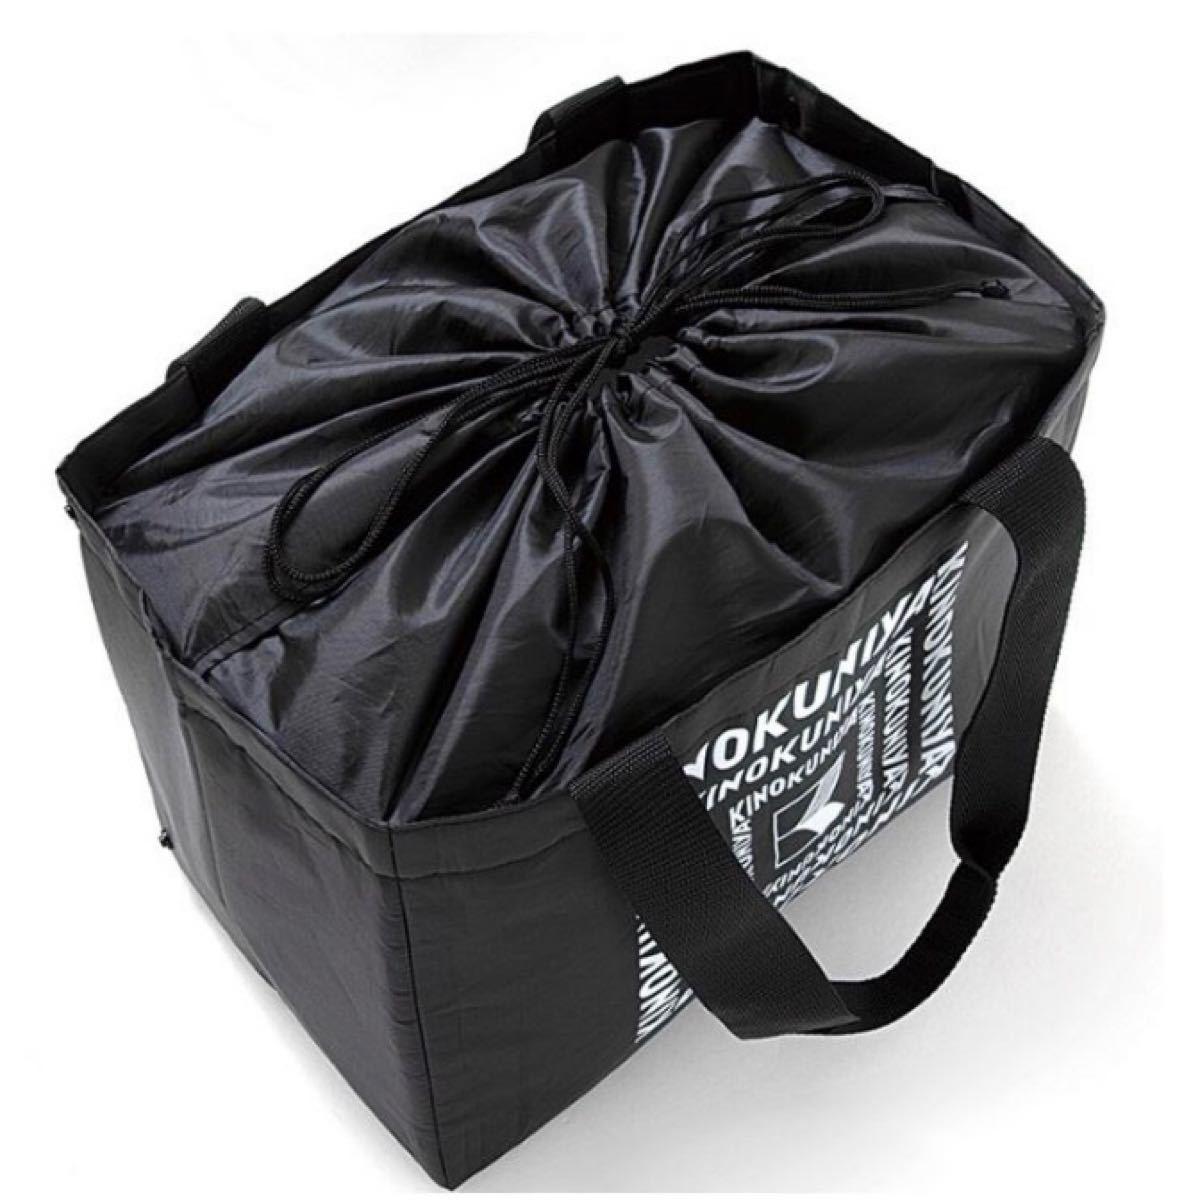 KINOKUNIYA保冷ができるショッピングバッグ 2点セット